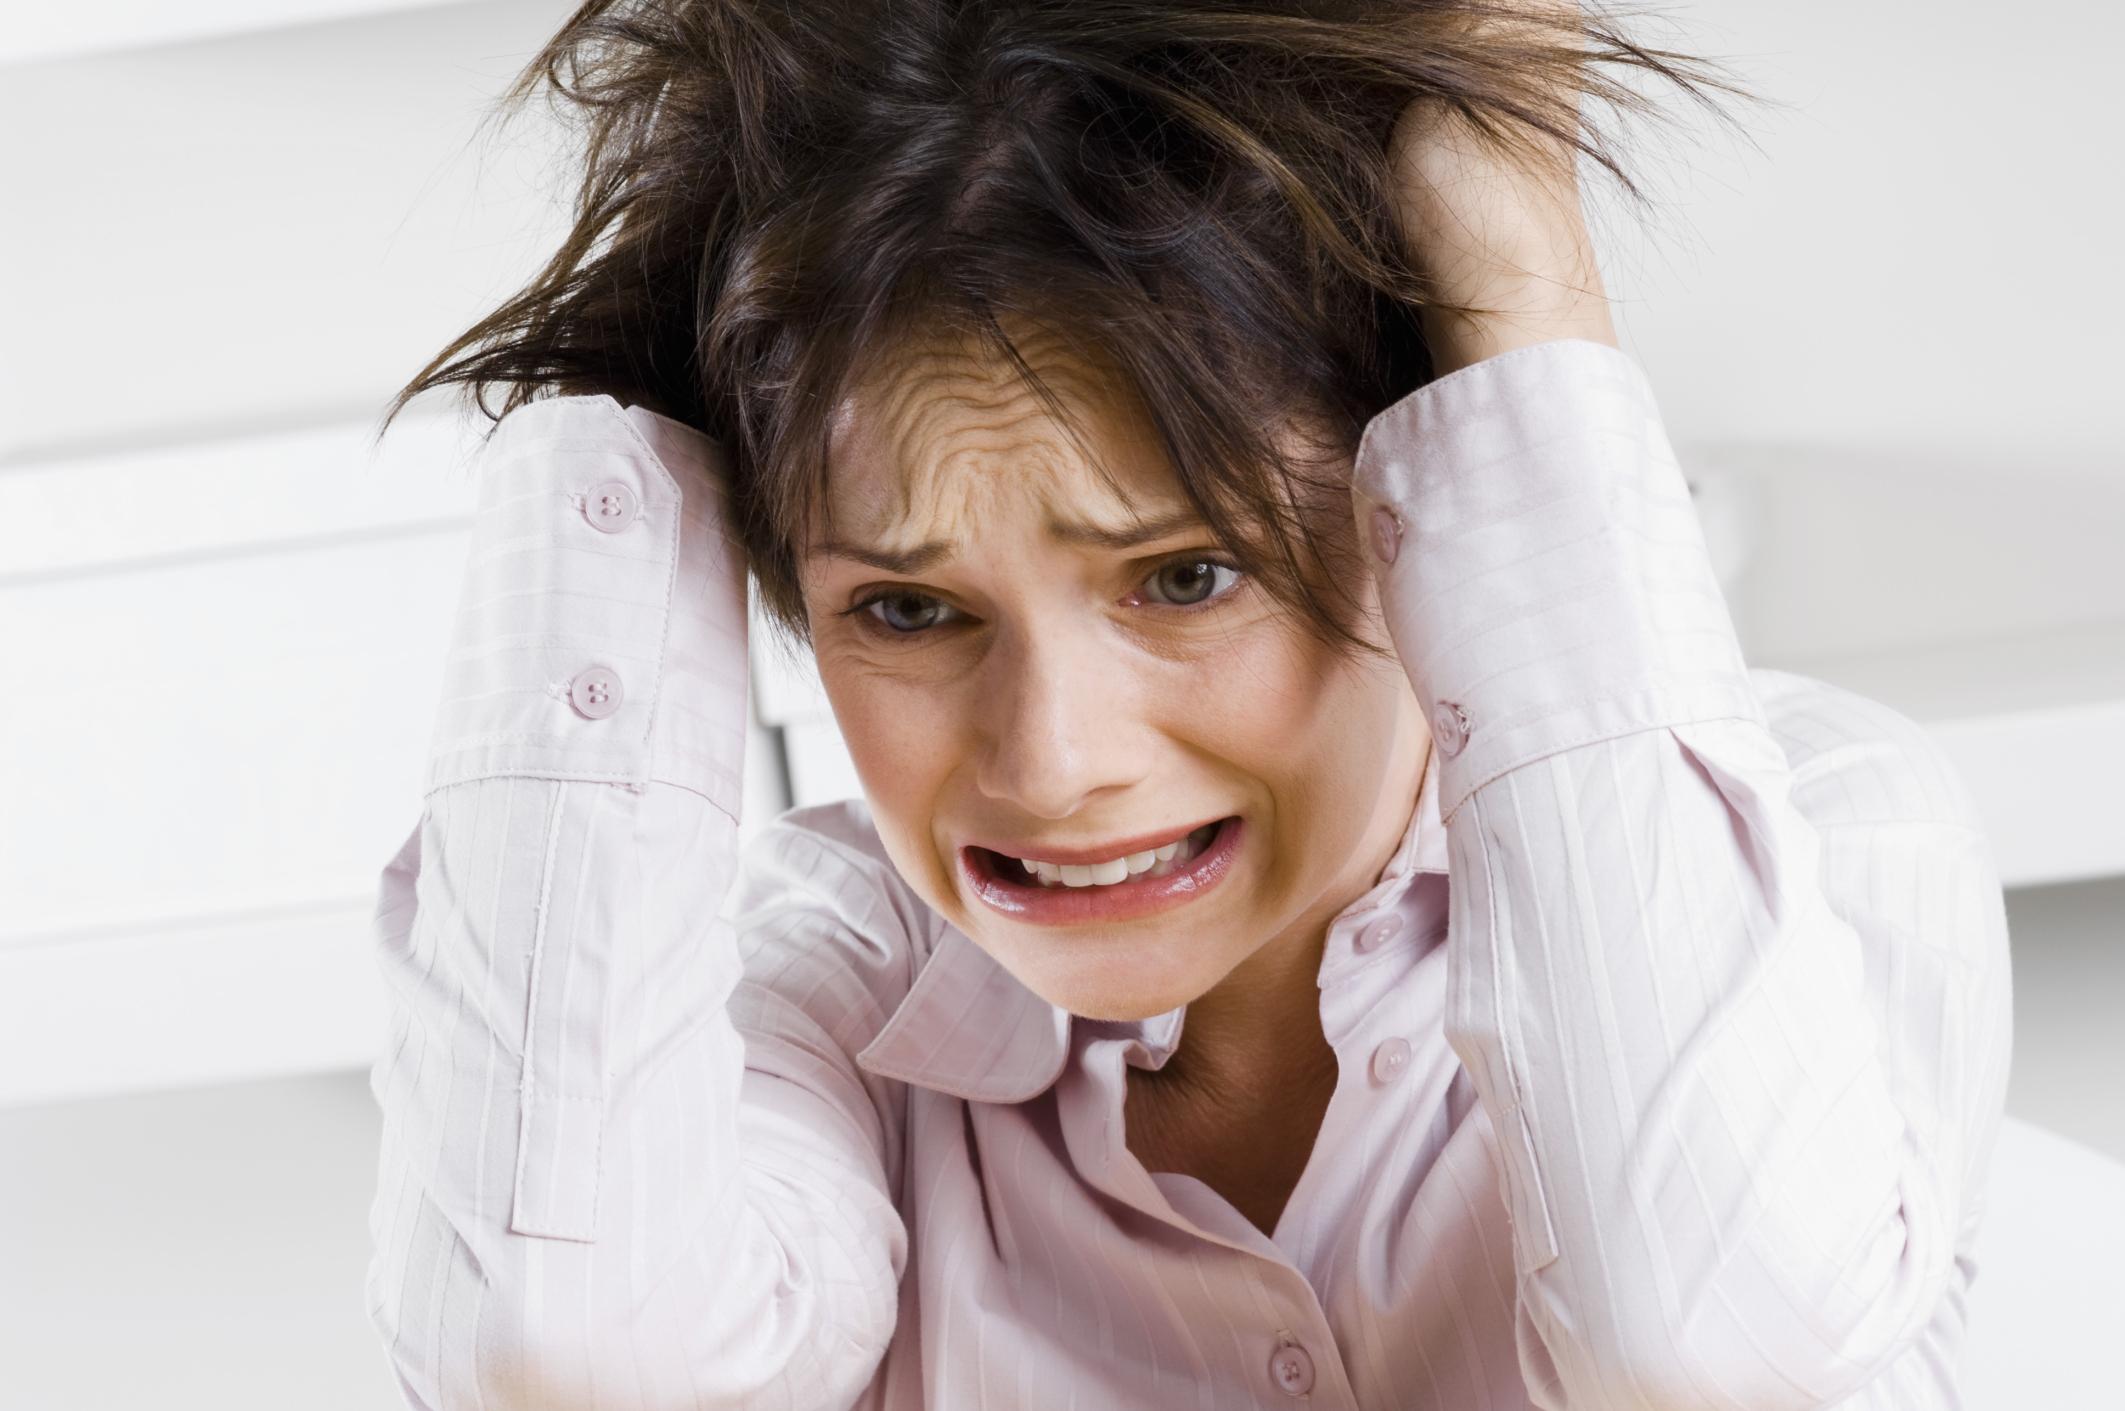 20130506204900 Хронический стресс чреват долговременными изменениями в мозгу